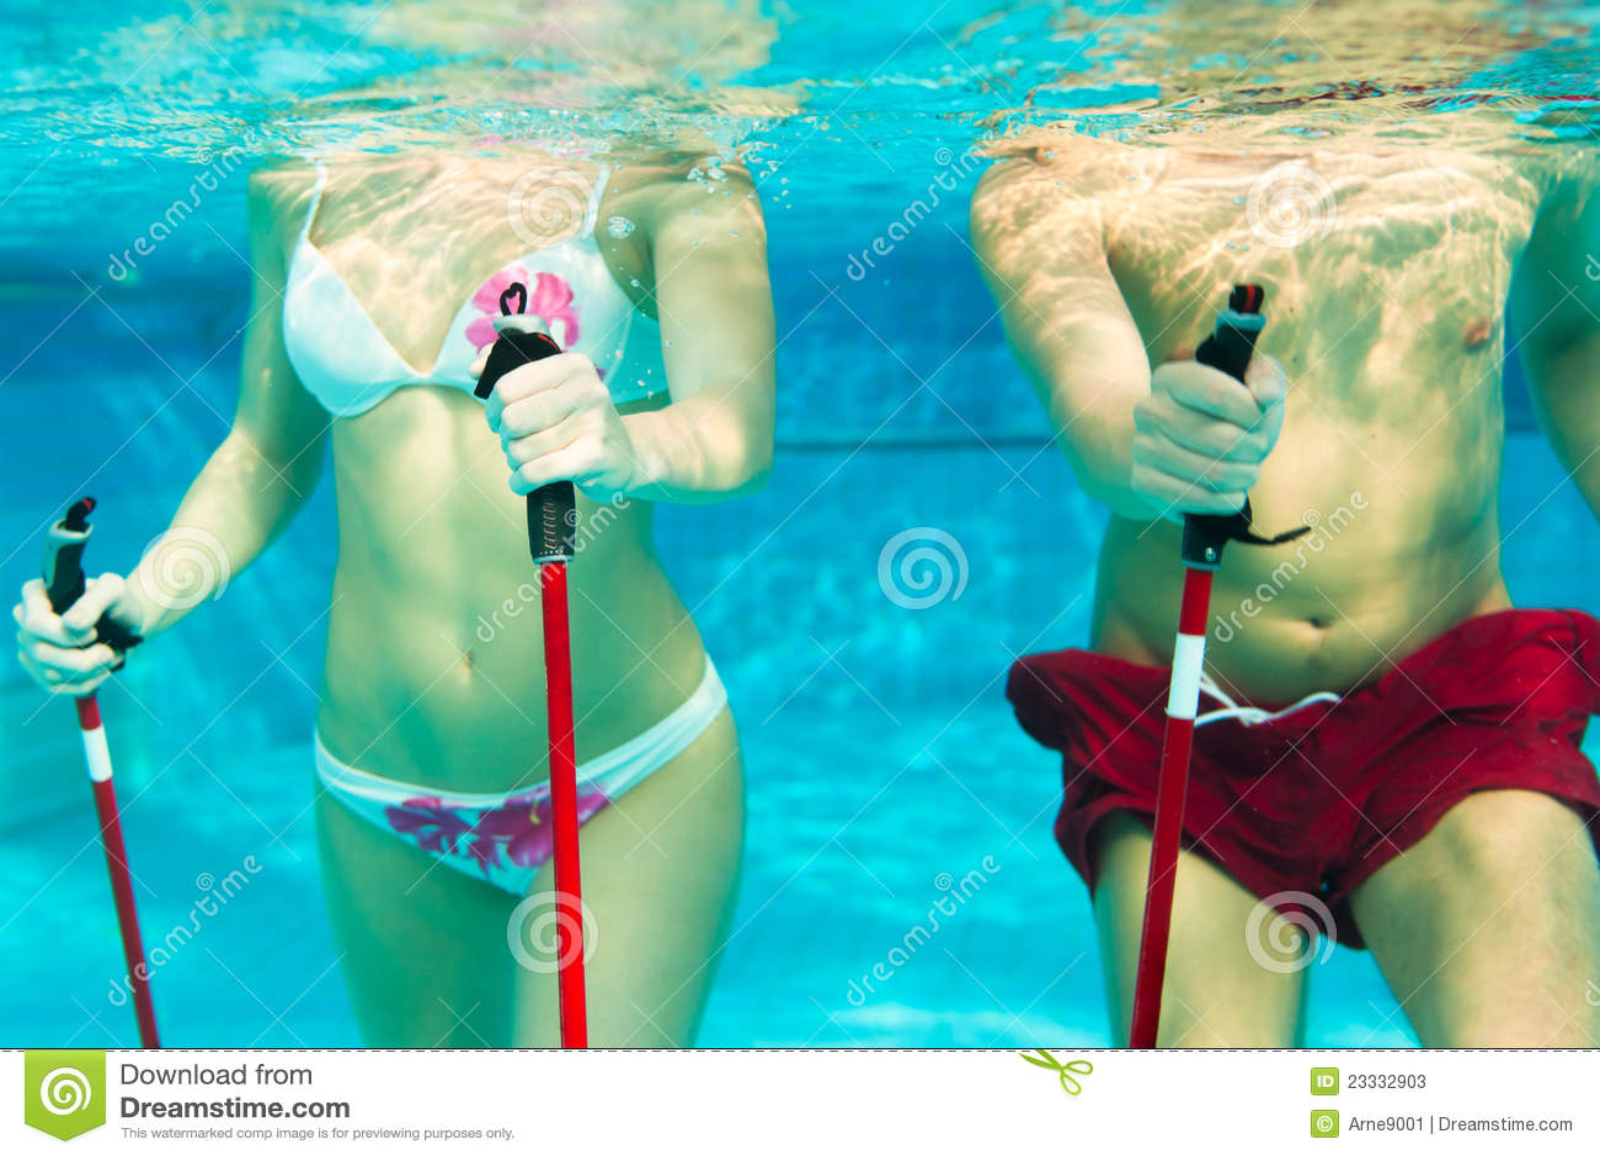 Deportes y gimnasia bajo el agua en piscina fotos de Imagenes de hoteles bajo el agua